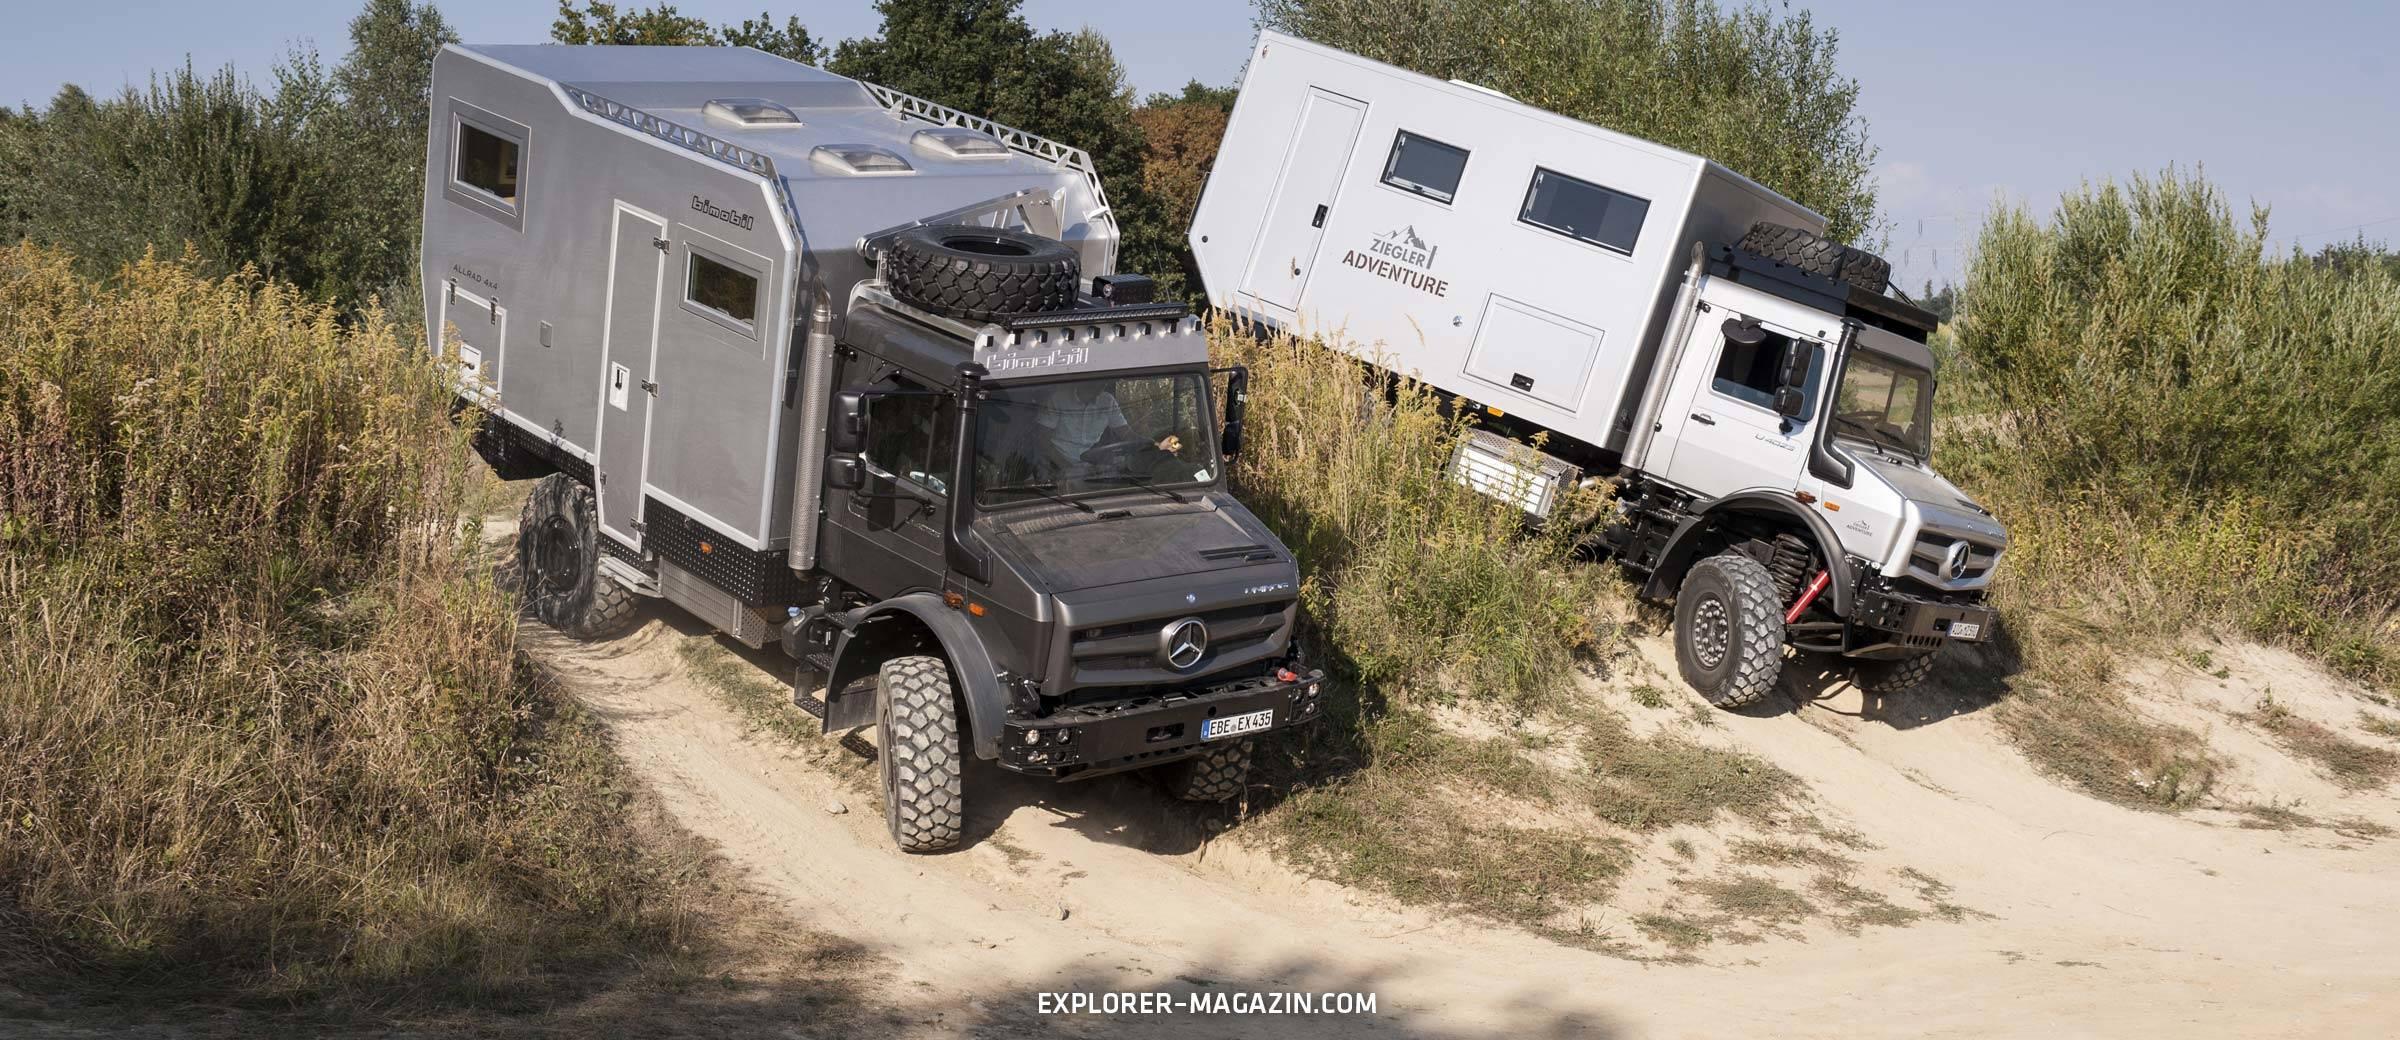 Unimog Vergleichstest - Ziegler Moghome gegen Bimobil EX435